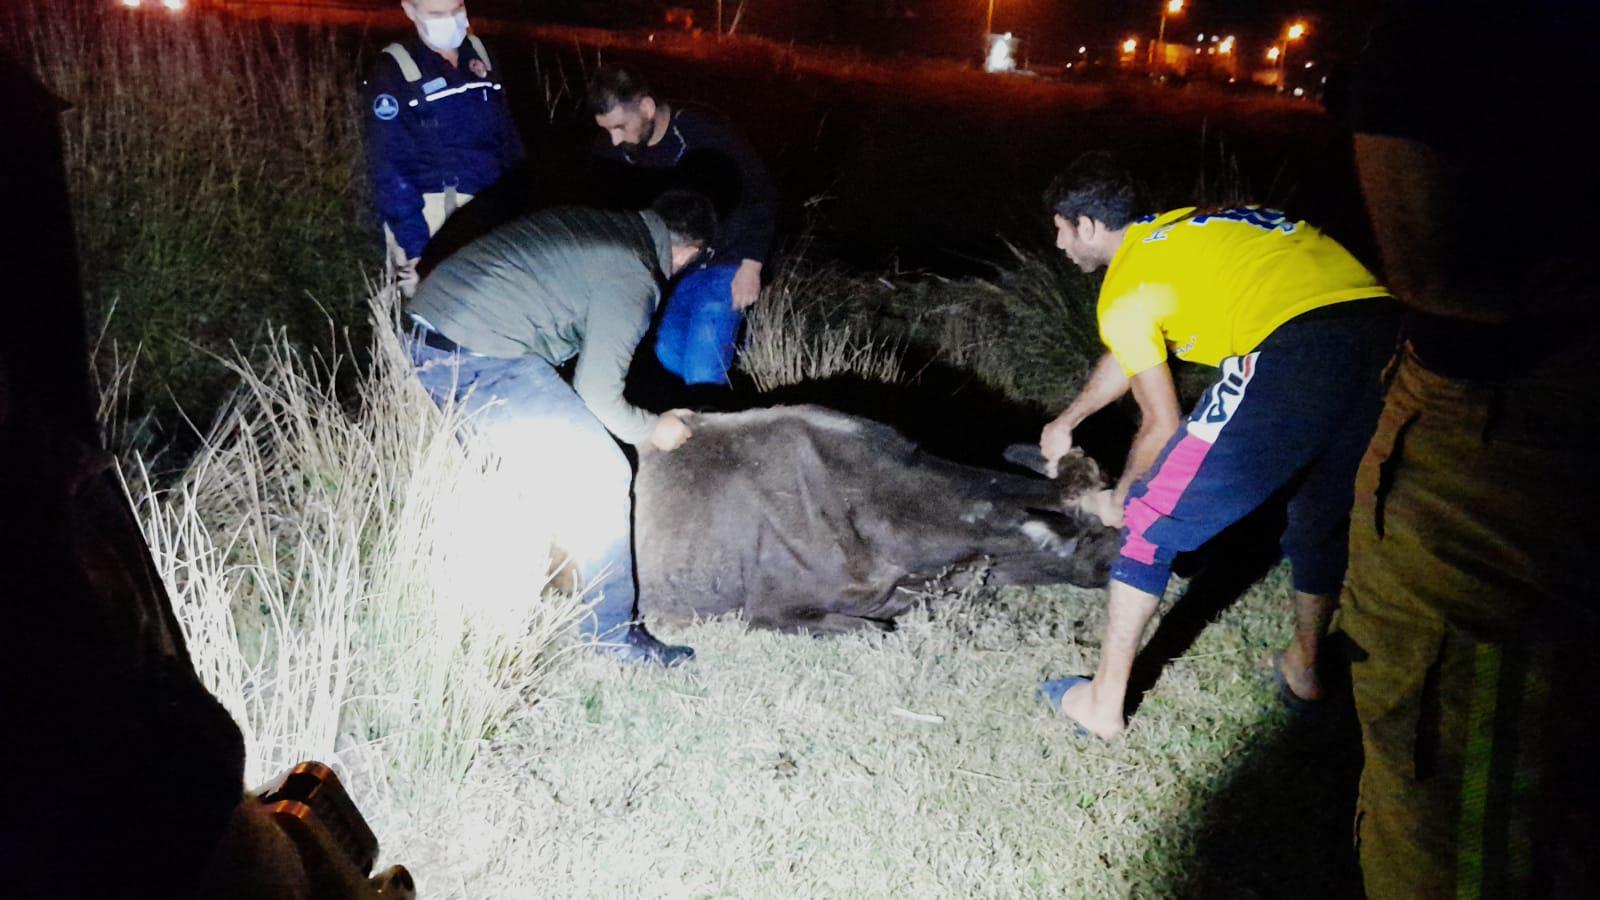 Silivri'de kanala düşen inek itfaiye ekiplerince kurtarıldı